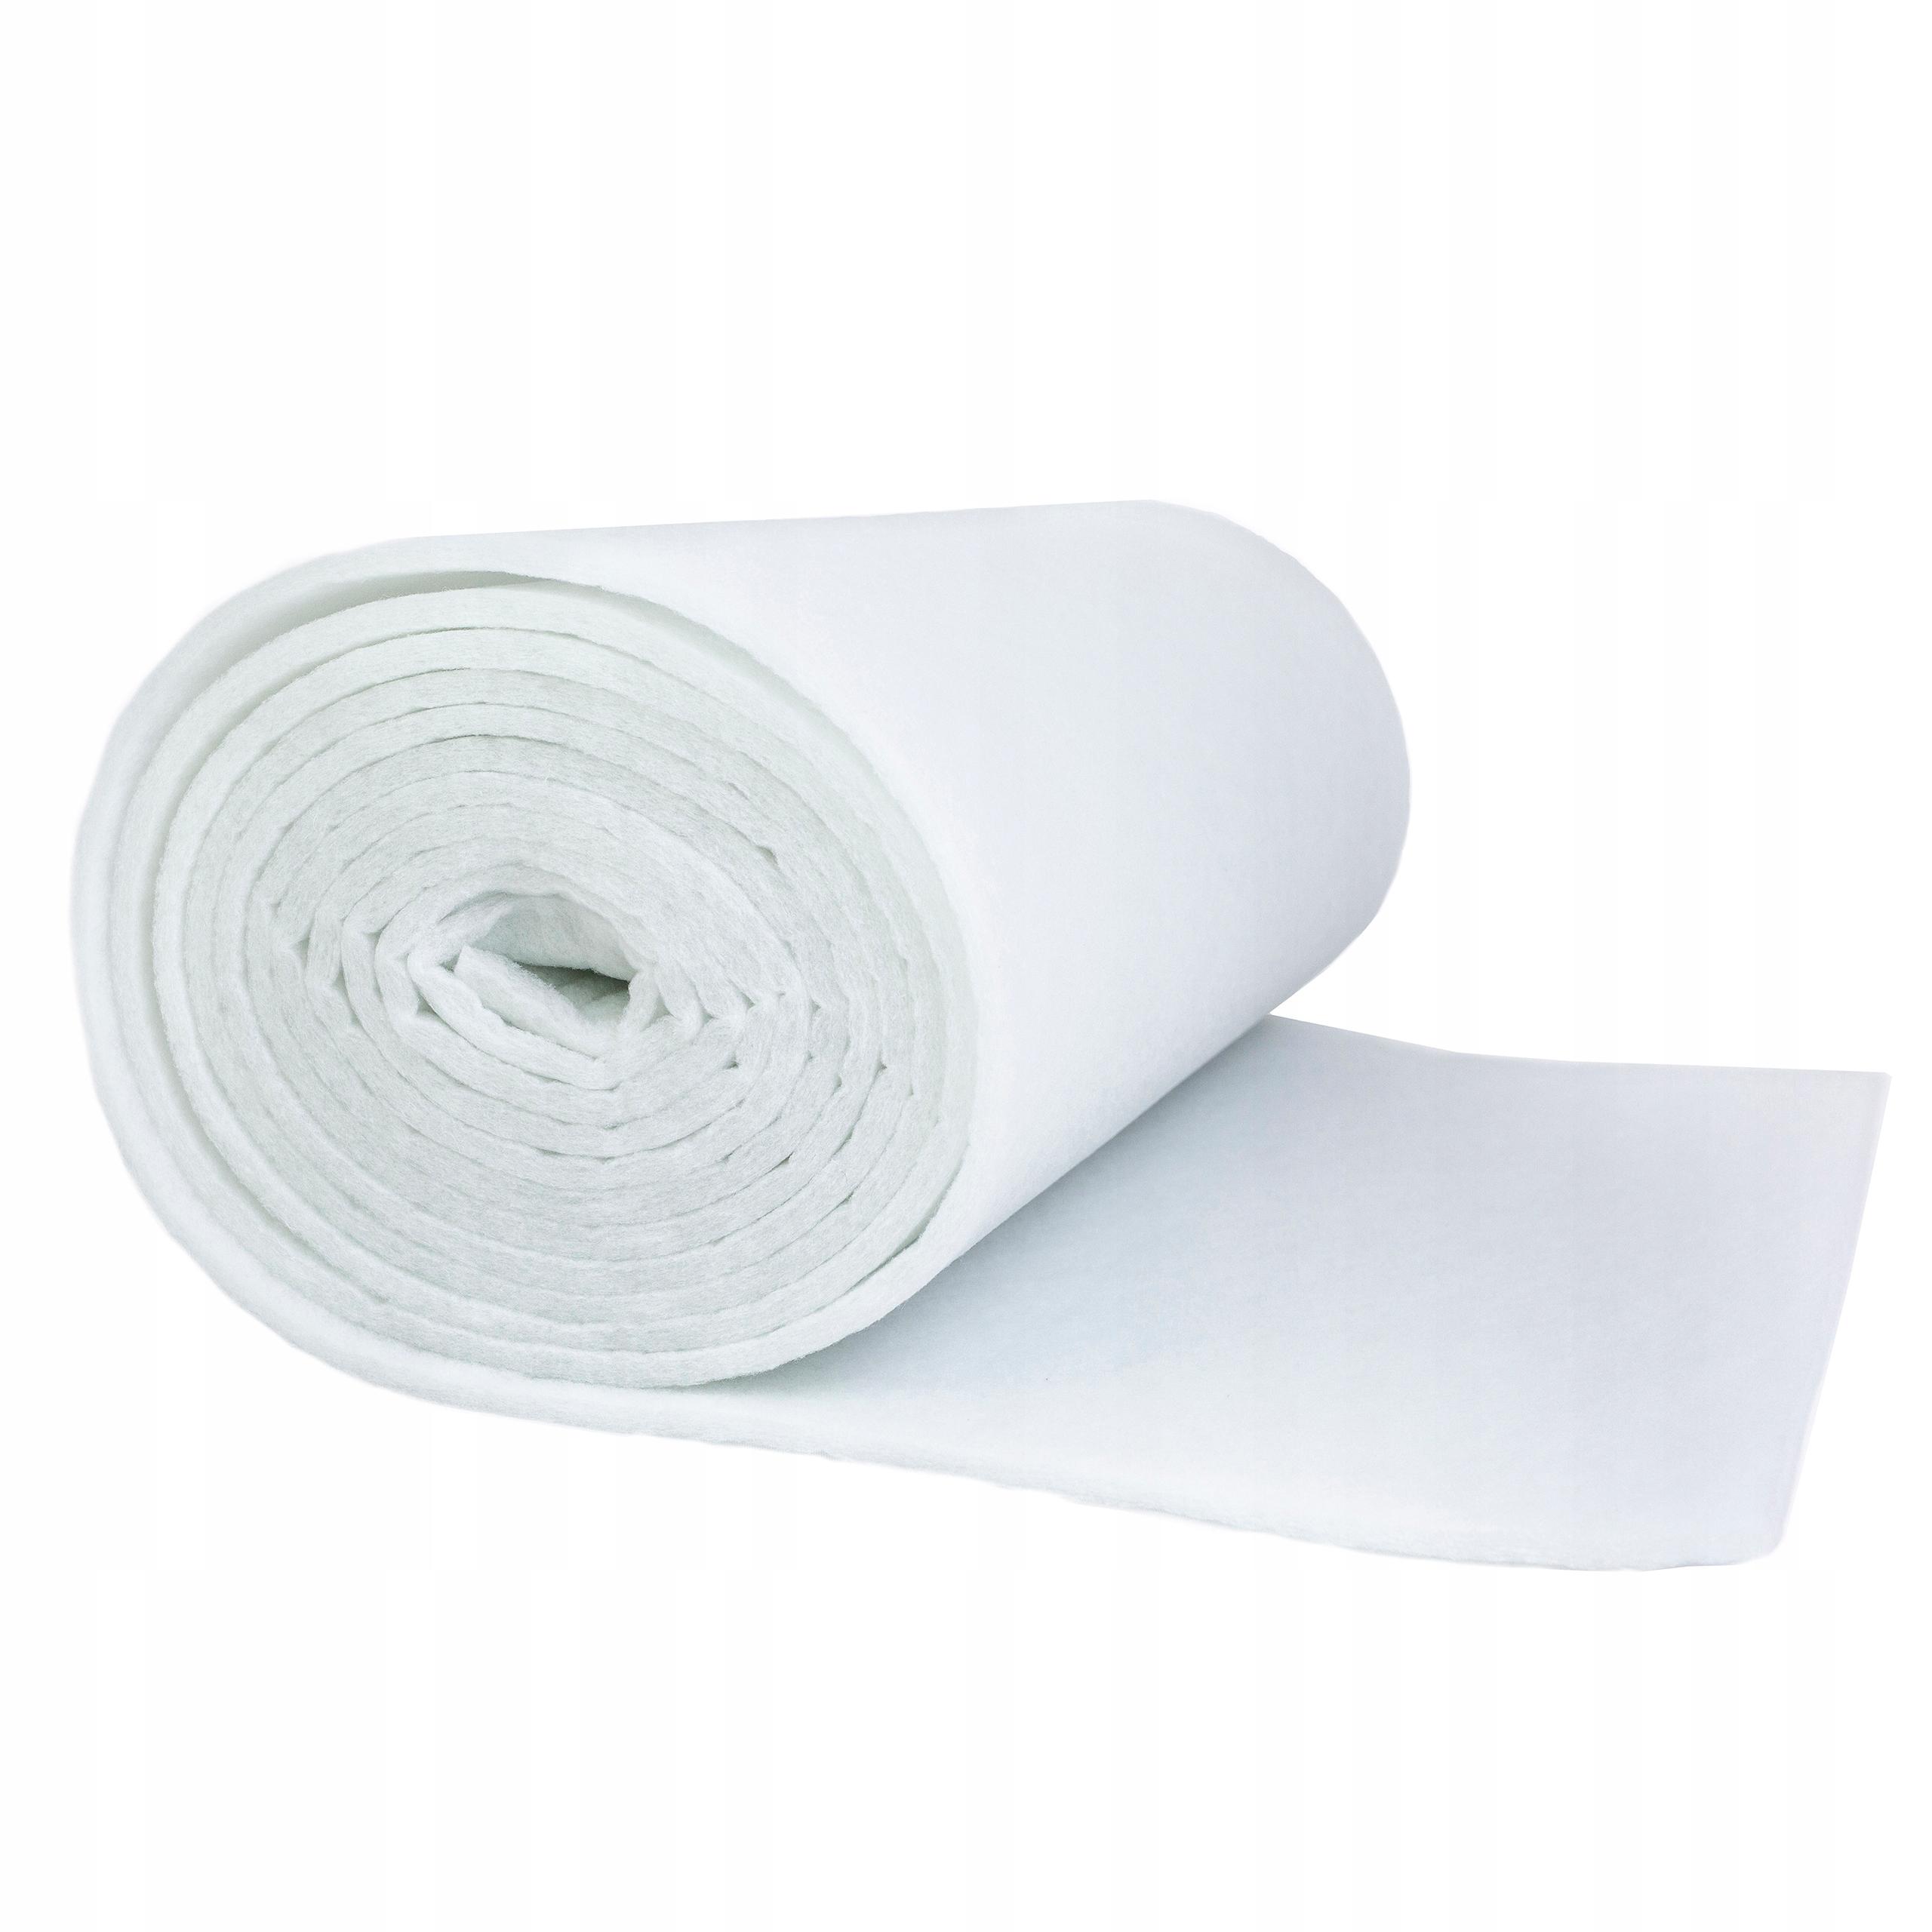 Mata, EU4 - 200G netkaná textília - rekuperátorový filter